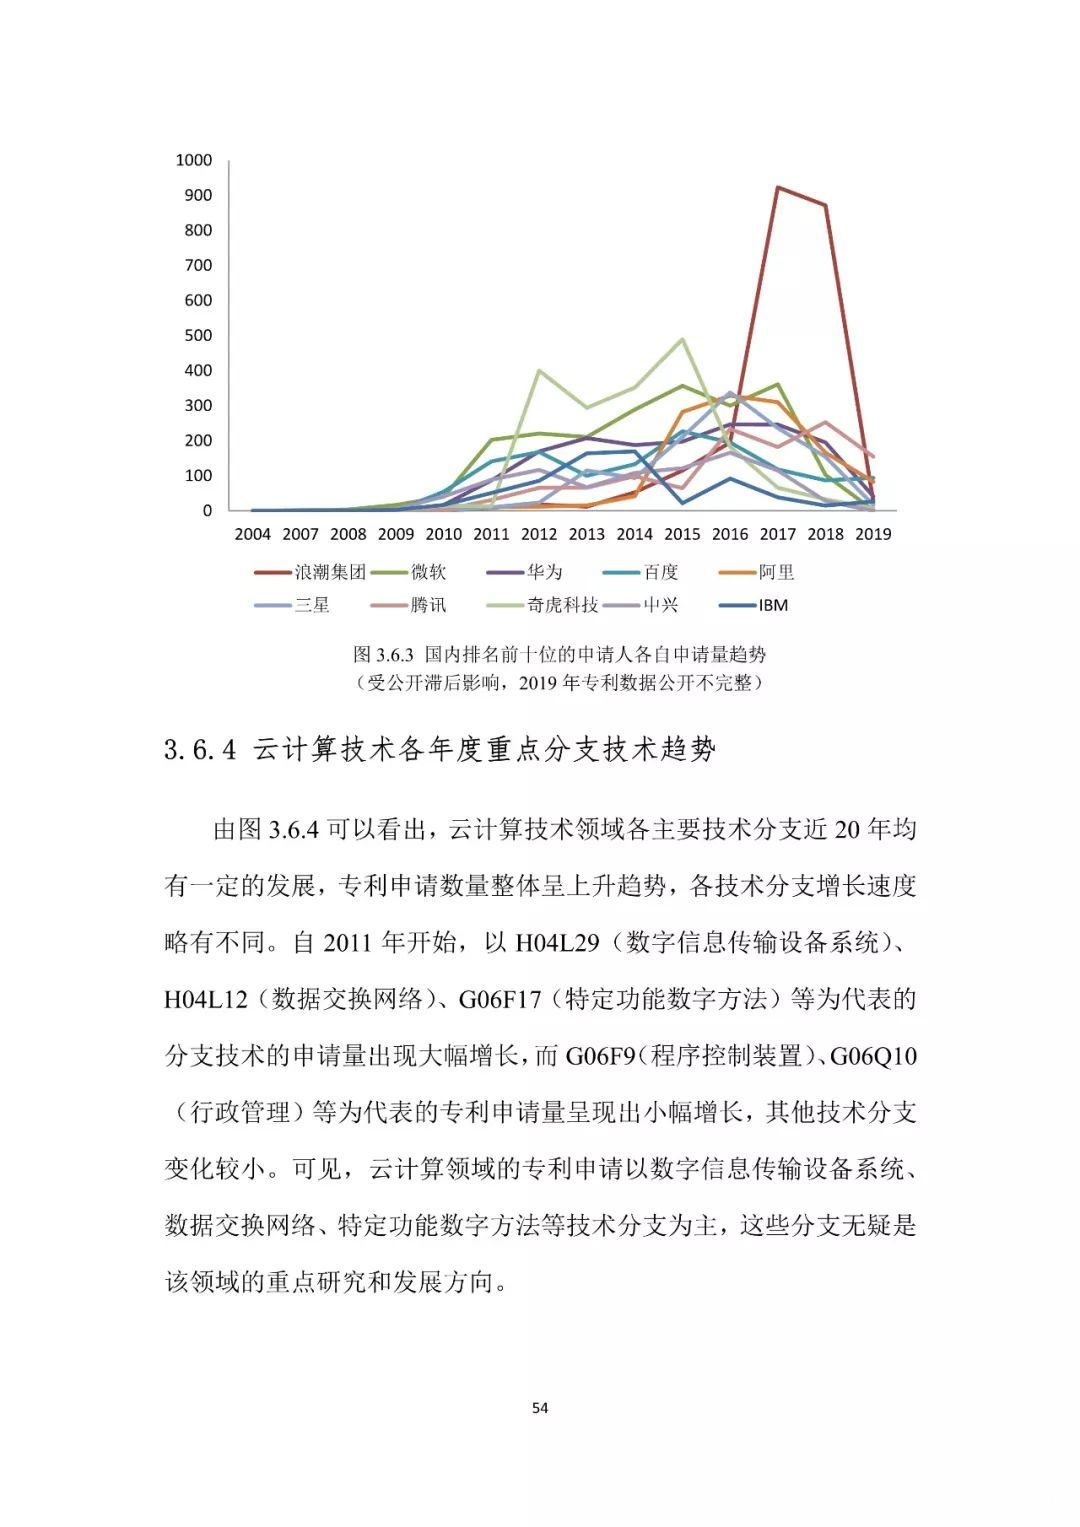 2019年人工智能中国专利技术分析报告